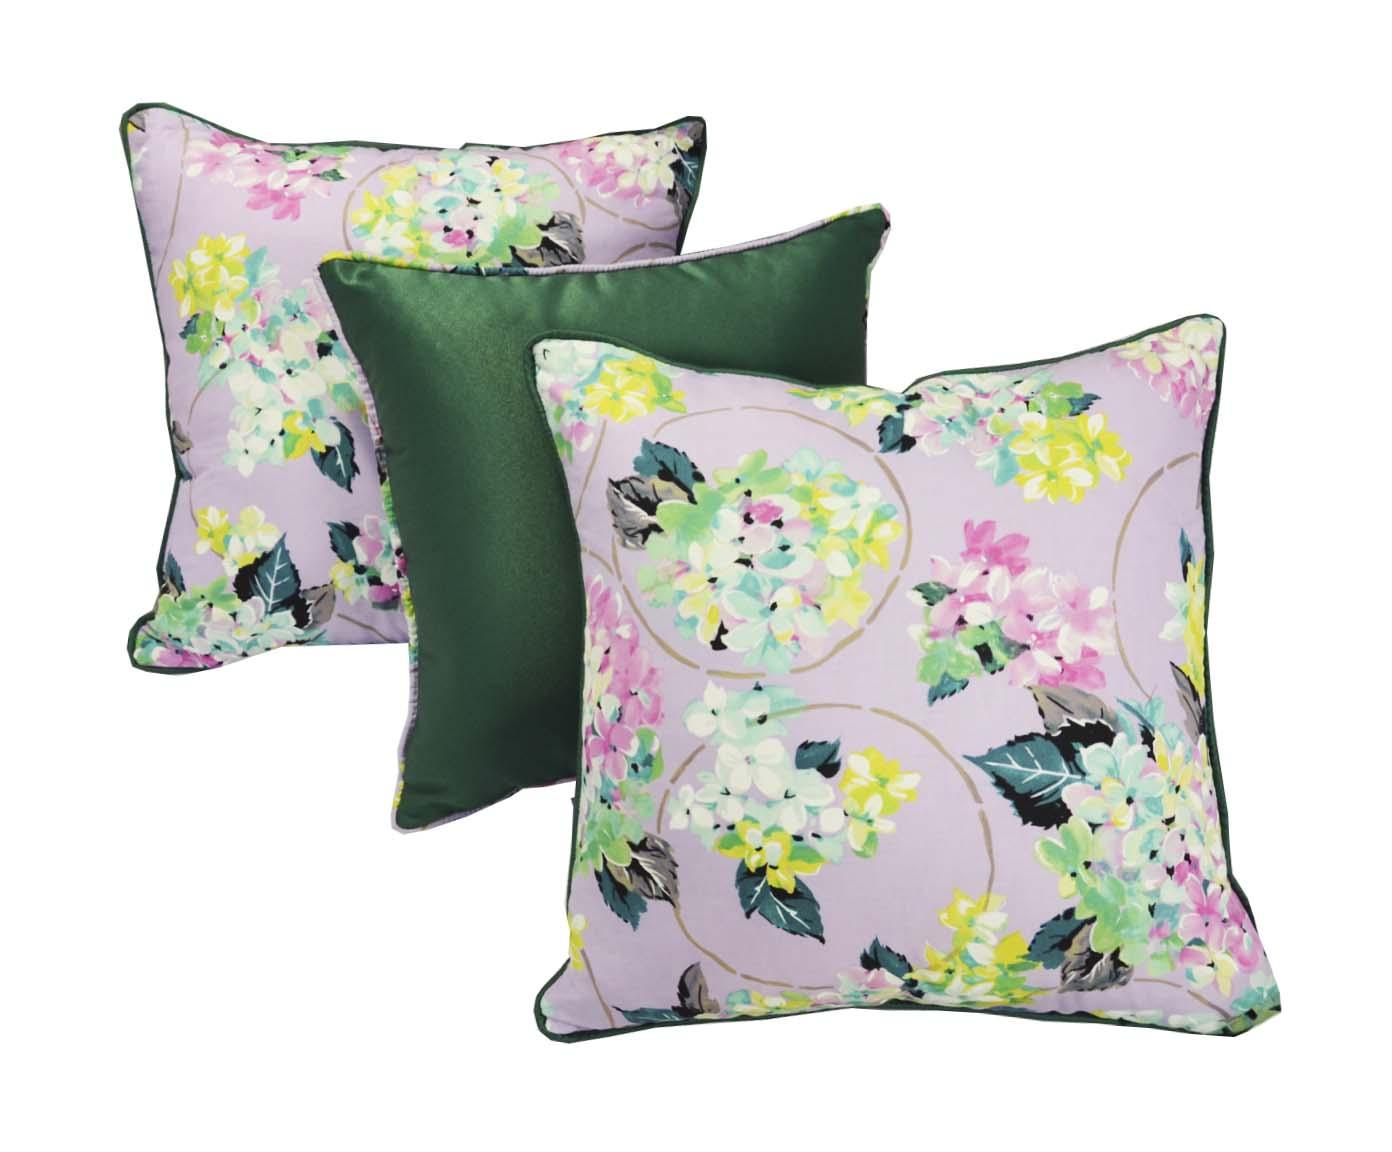 Комплект подушек Гортензия (3шт)Квадратные подушки и наволочки<br>Комплект декоративных  подушек. Чехол съемный.<br><br>Material: Хлопок<br>Width см: 45<br>Depth см: 15<br>Height см: 45